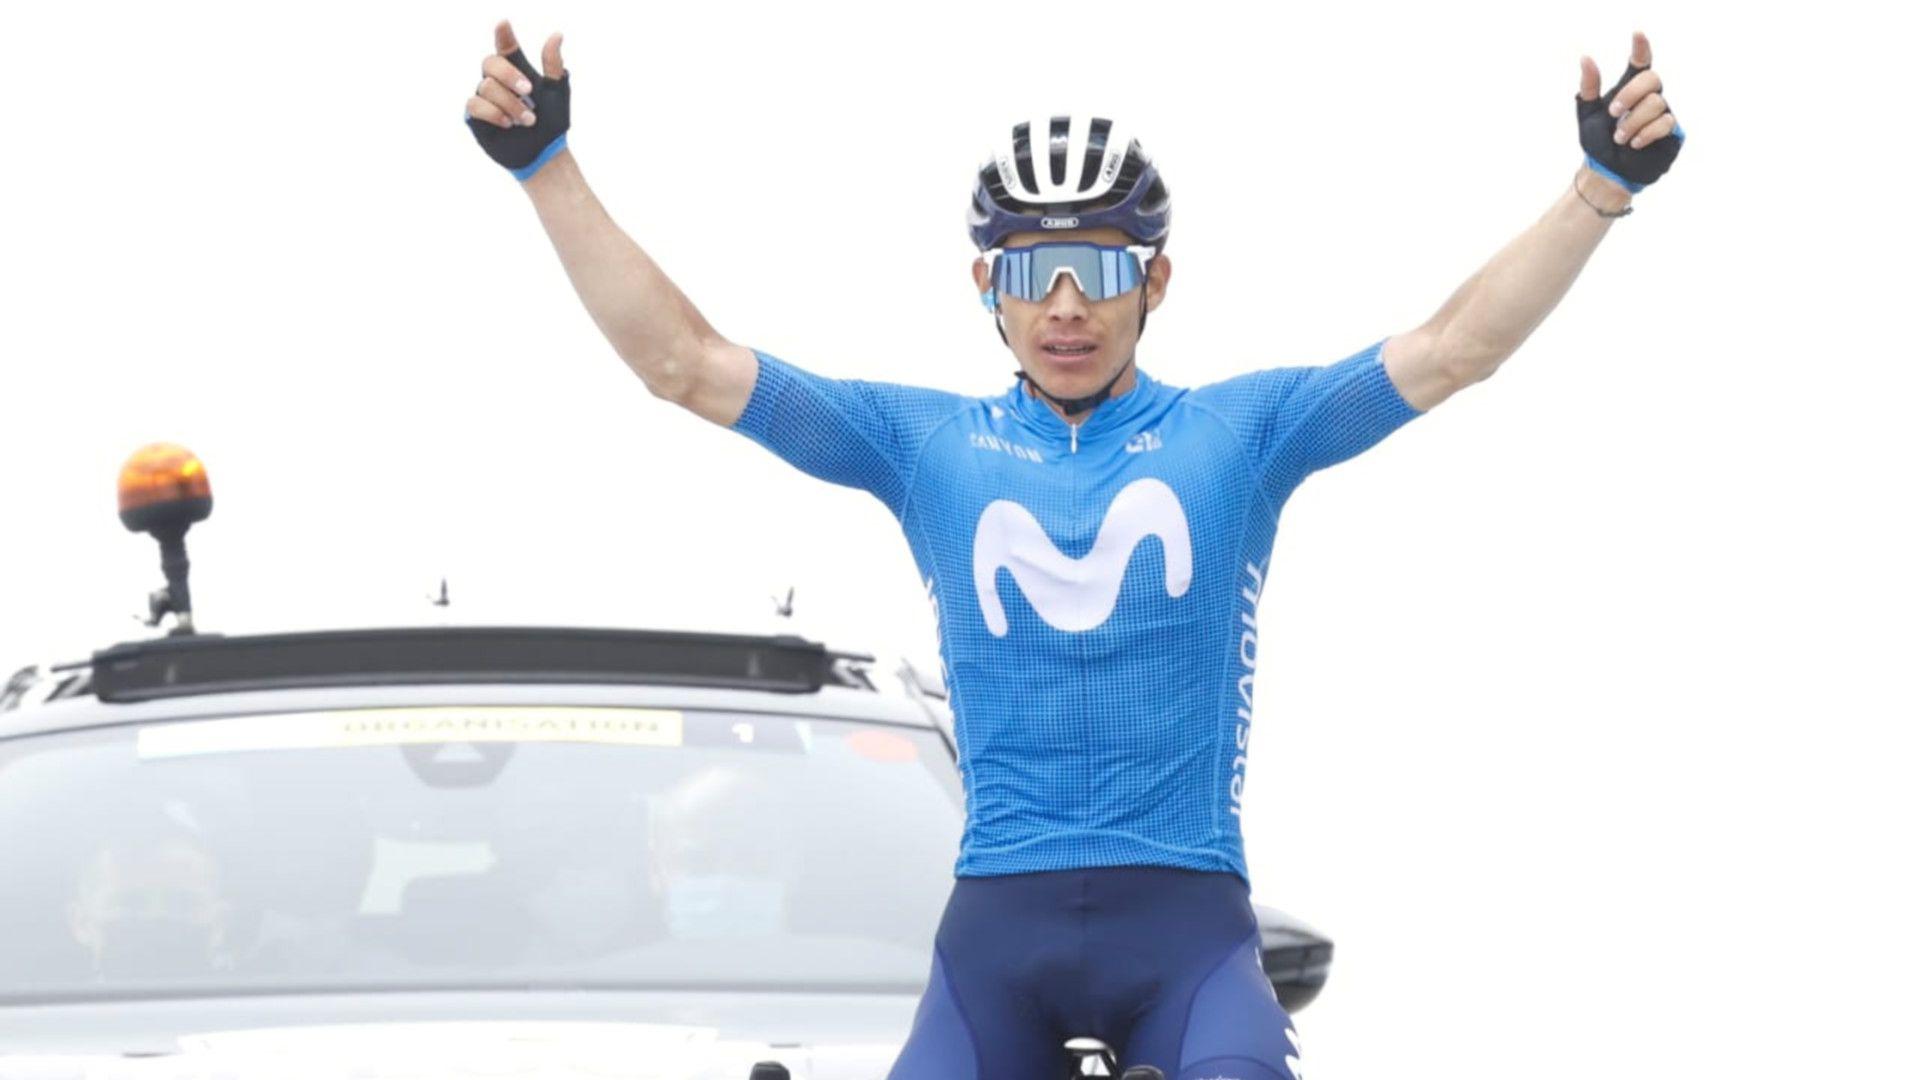 El colombiano continúa con su preparación para el Tour de Francia, máximo objetivo de la temporada. Foto: Fedeciclismo